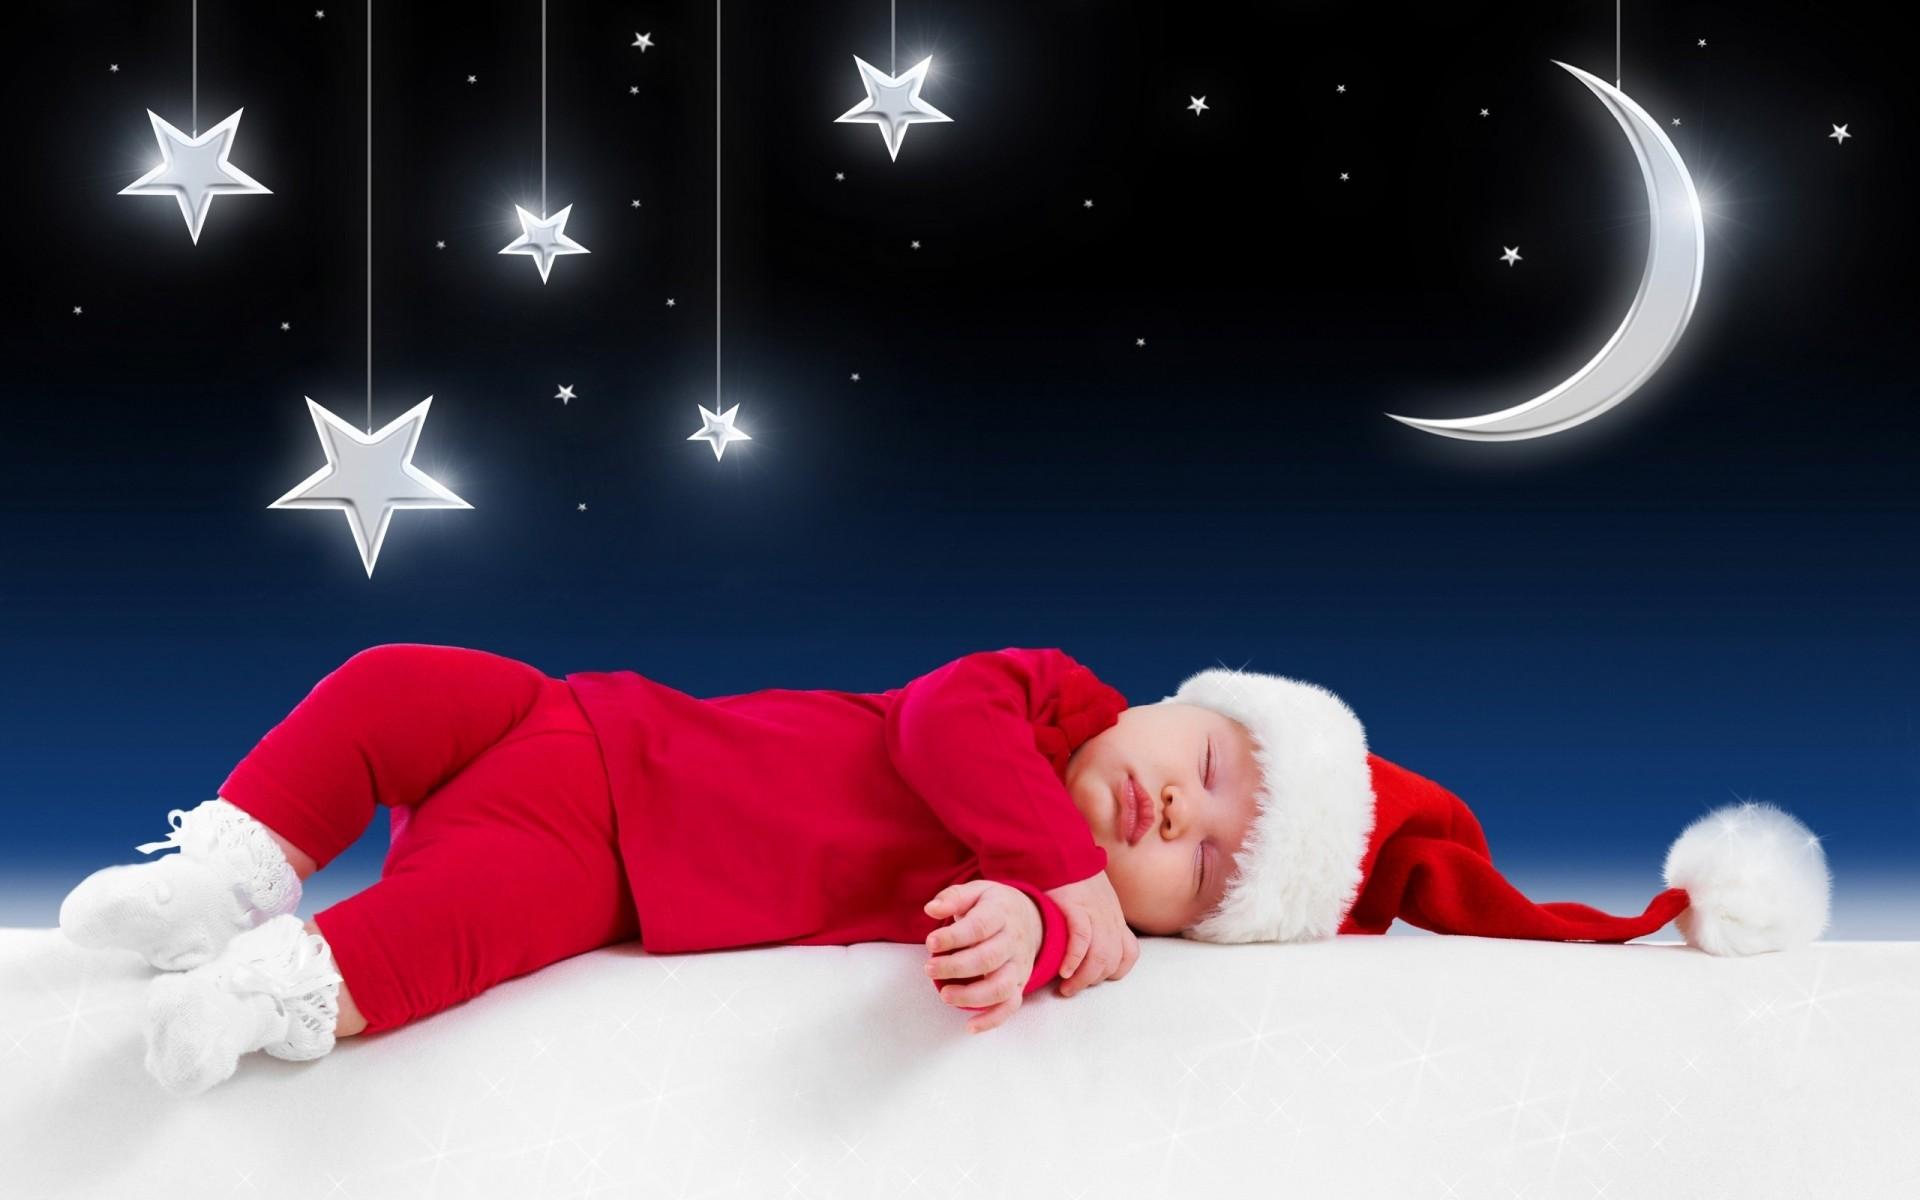 Поздравления днем, спокойной ночи смешные зимняя ночь картинки